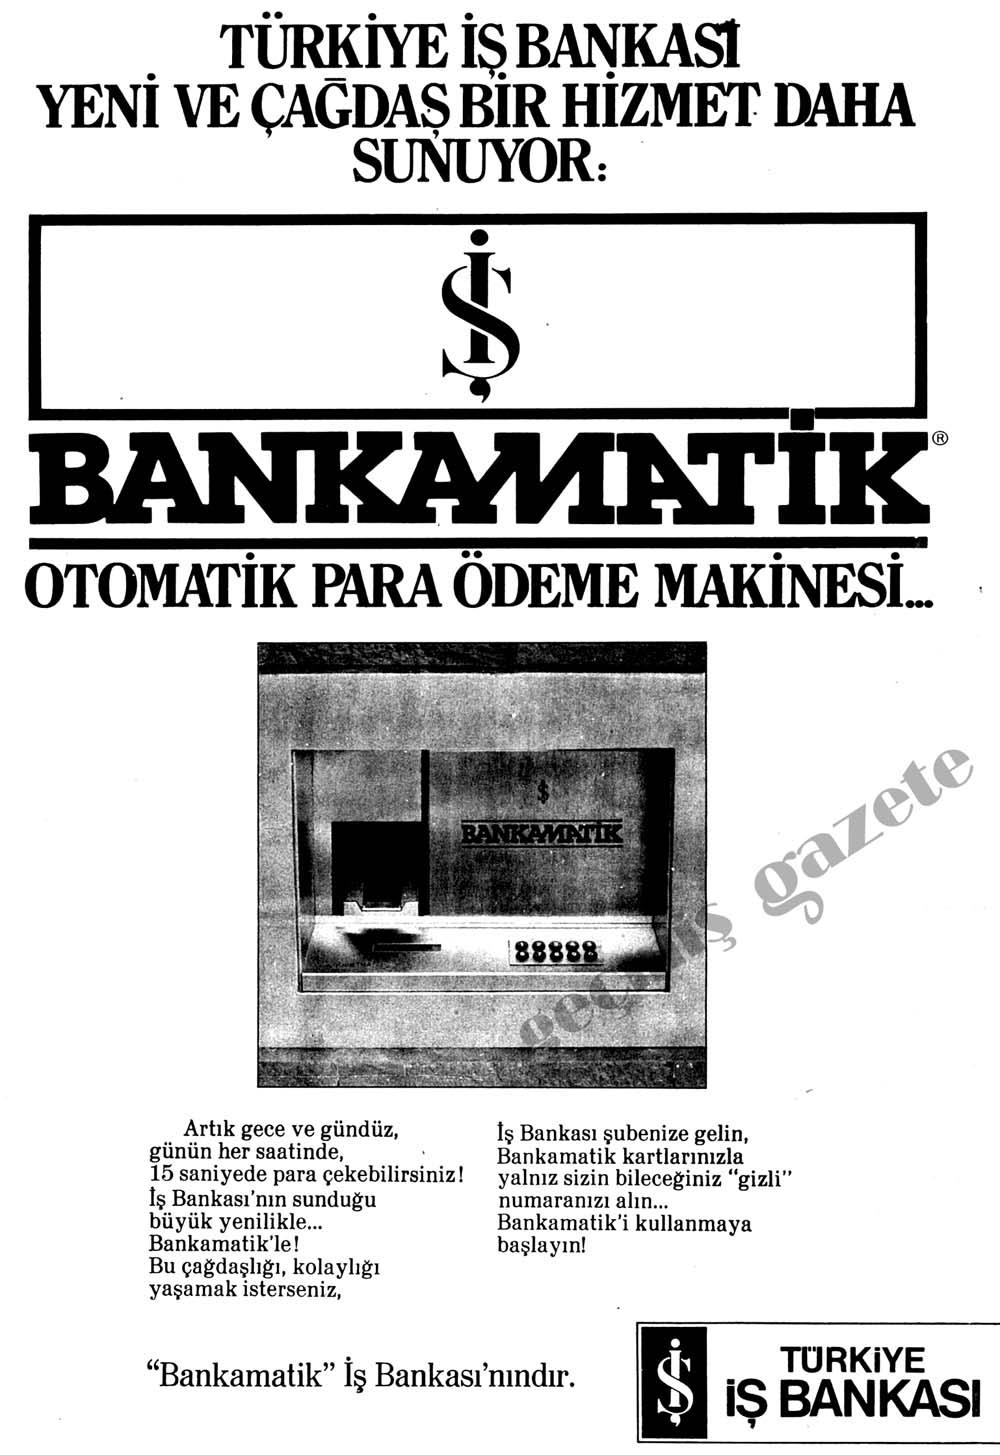 Türkiye İş Bankası yeni ve çağdaş bir hizmet daha sunuyor: Bankamatik